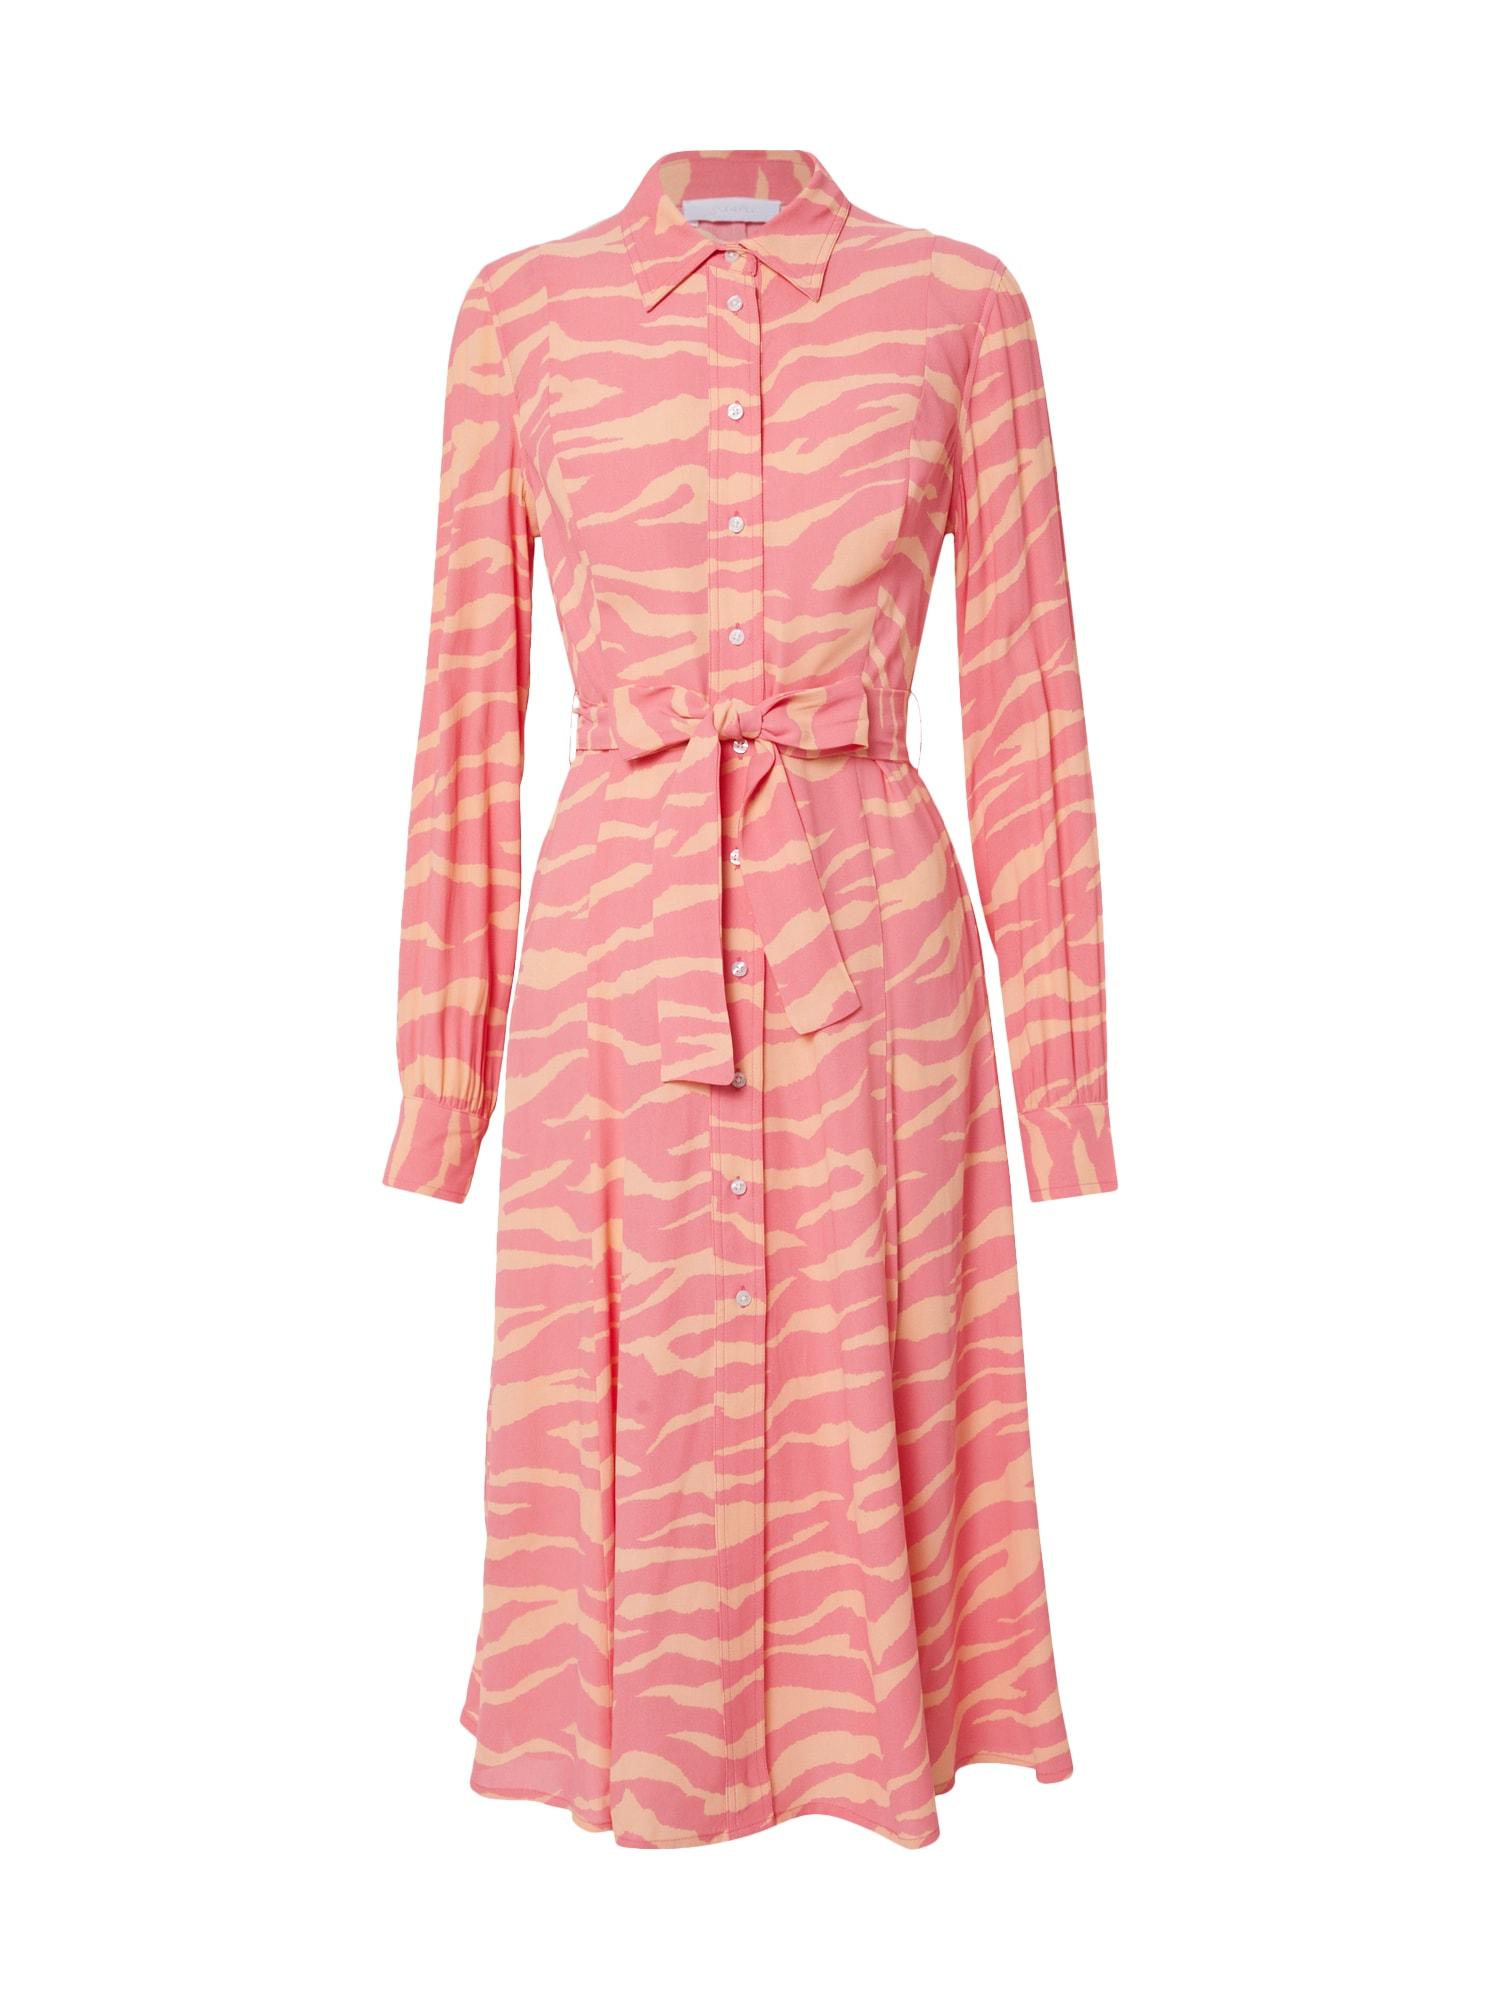 2NDDAY Palaidinės tipo suknelė 'Limelight Zebra' rožinė / oranžinė